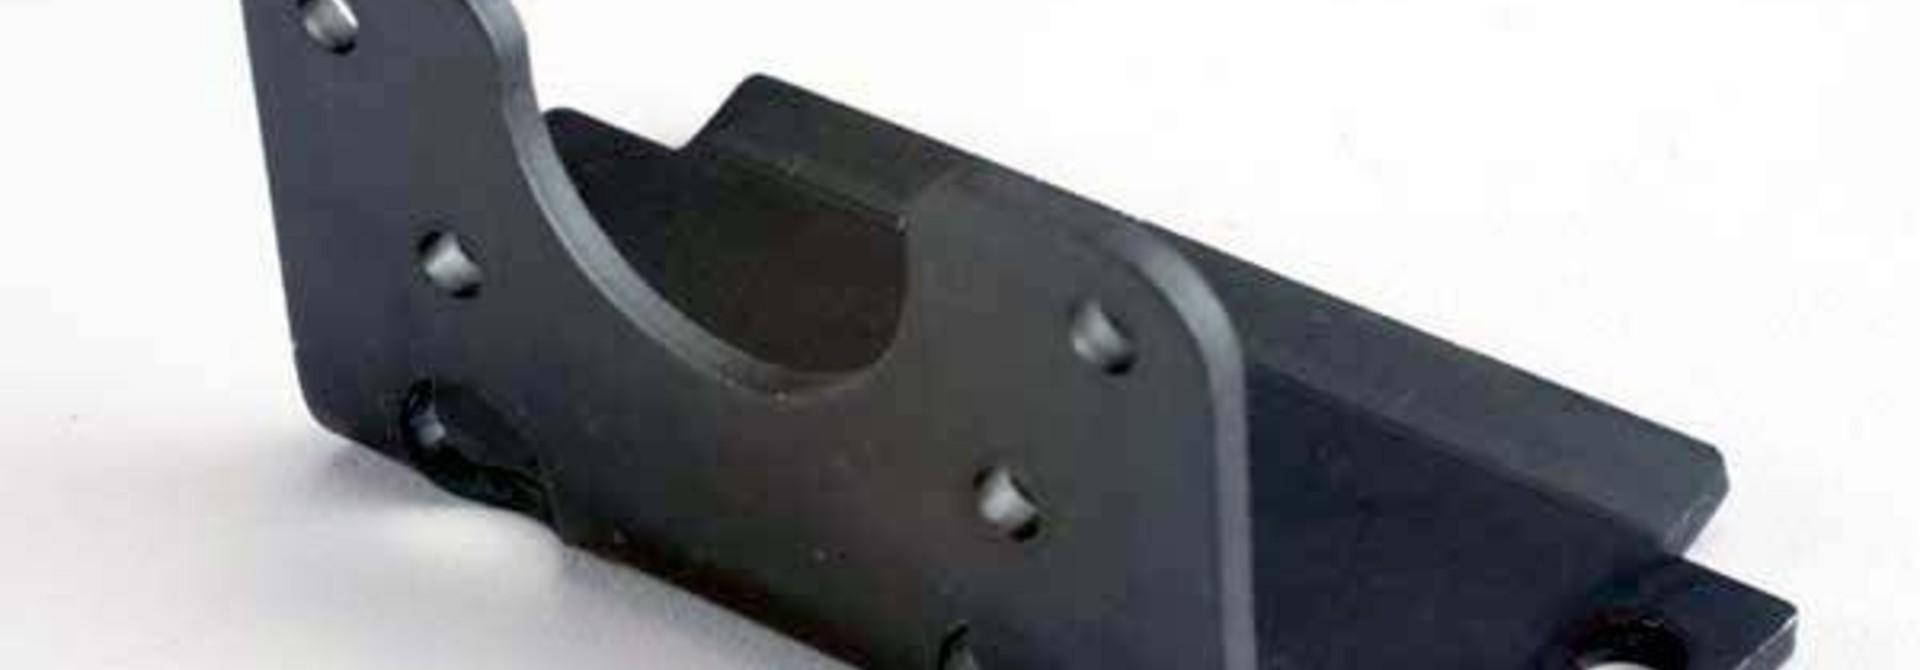 Aluminum Gearbox Mount (Black)